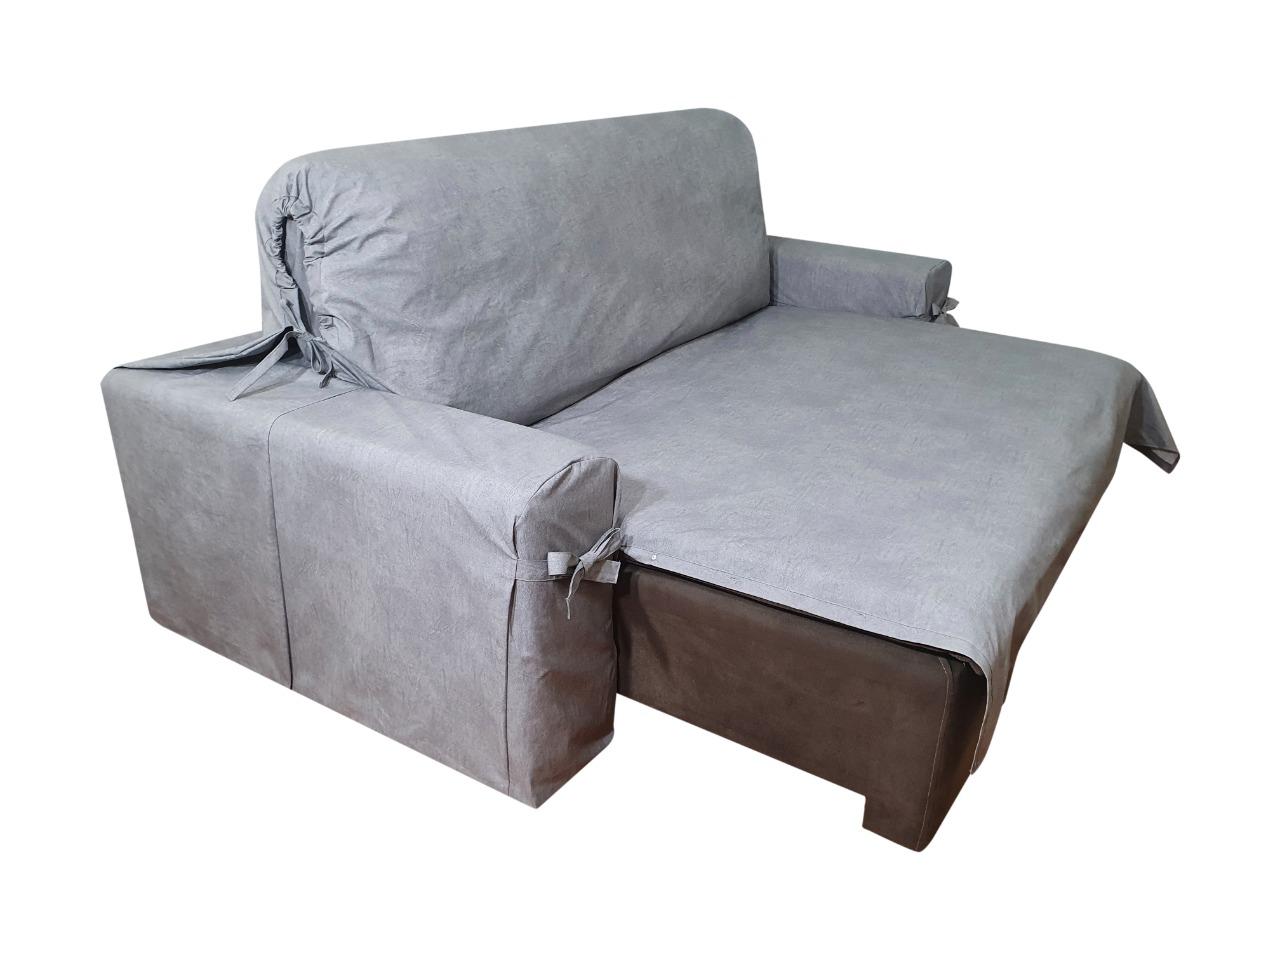 Capa p/ Sofá Retrátil e Reclinável em Acquablock Impermeável GRAFITE - Veste Sofás de 2,36m até 2,65m